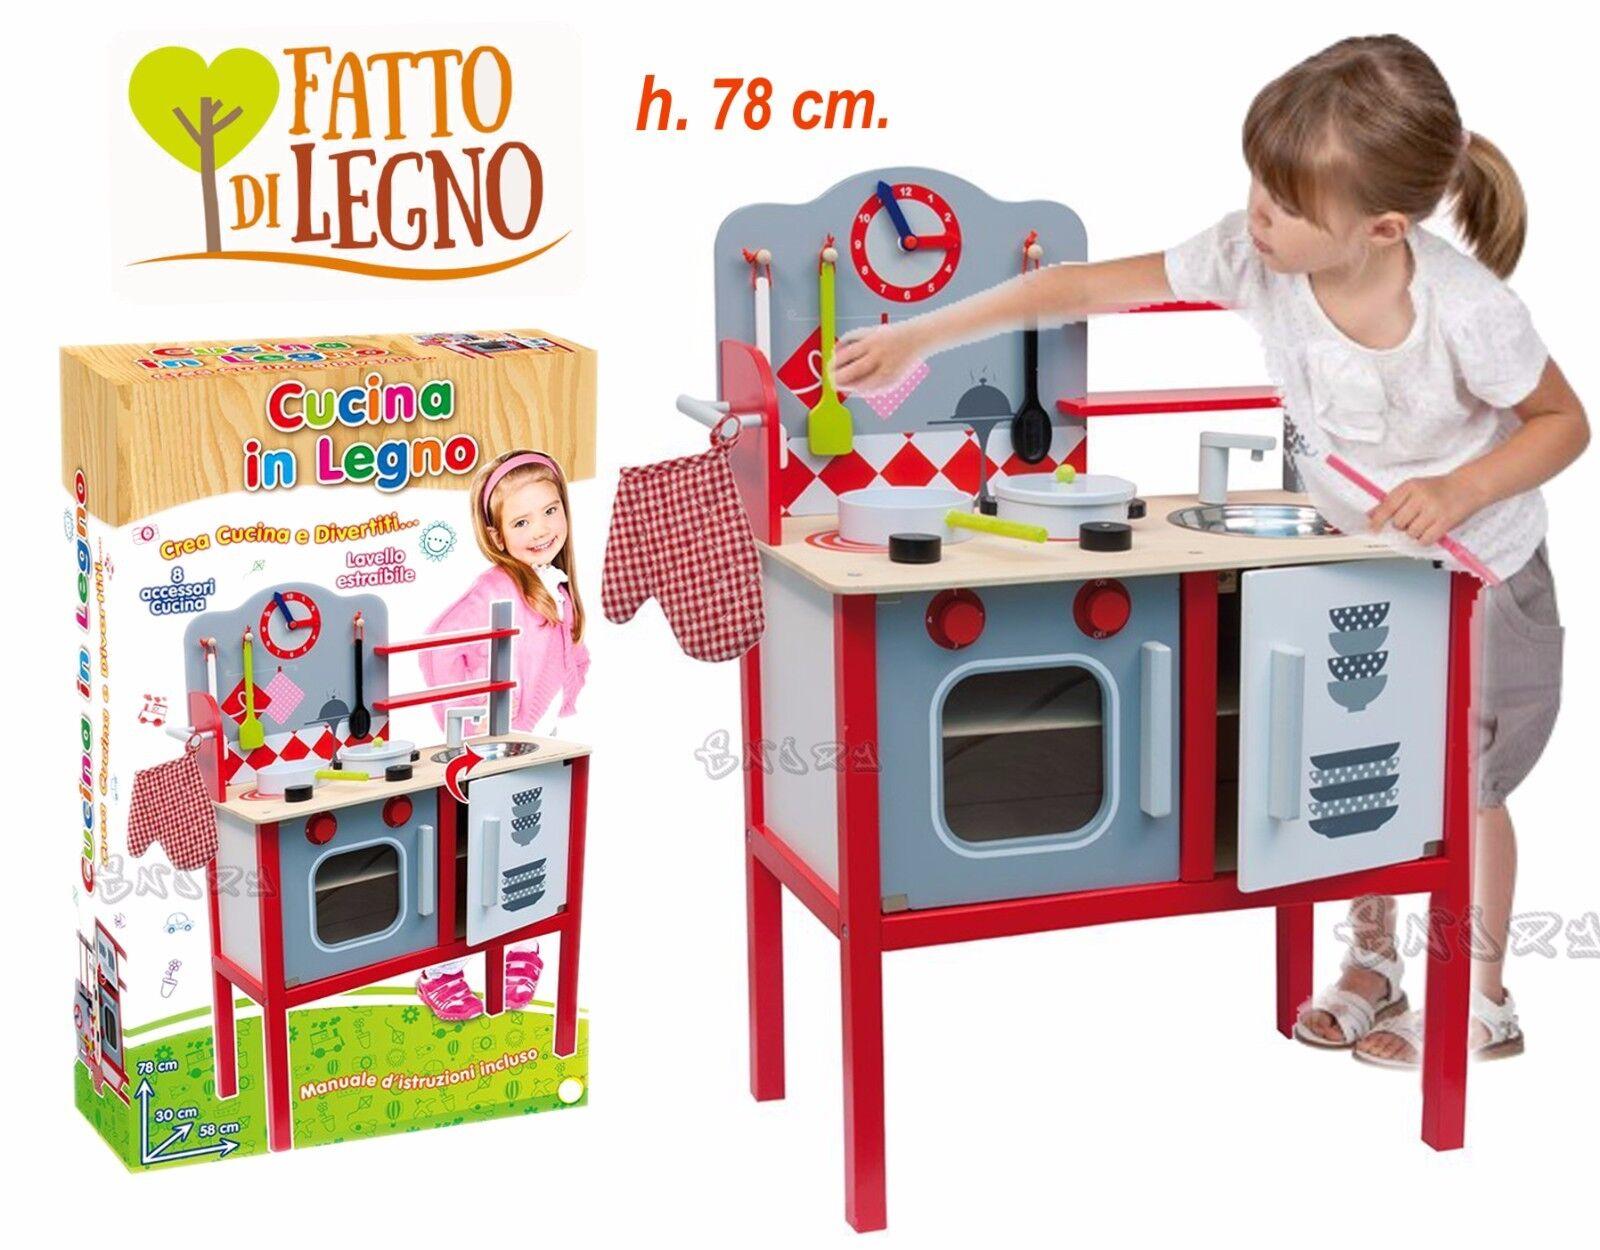 CUCINA PER BAMBINI GIOCO IN LEGNO GIOCATTOLO IN LEGNO CON ACCESSORI H. 78 CM.